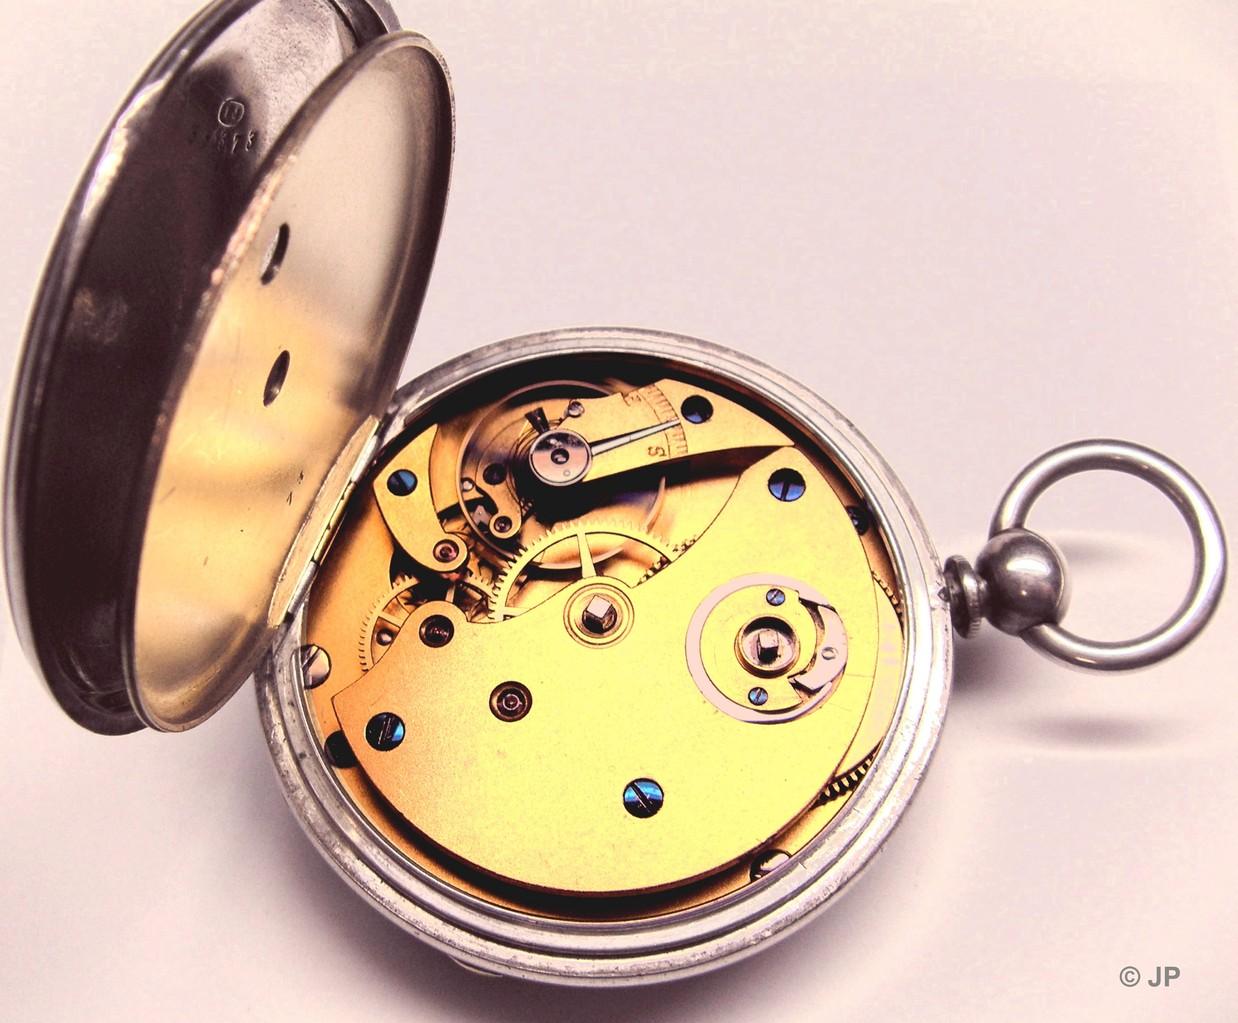 Silbergehäuse für Schlüsselaufzugsuhren; Staubdeckel mit Schlüsselloch